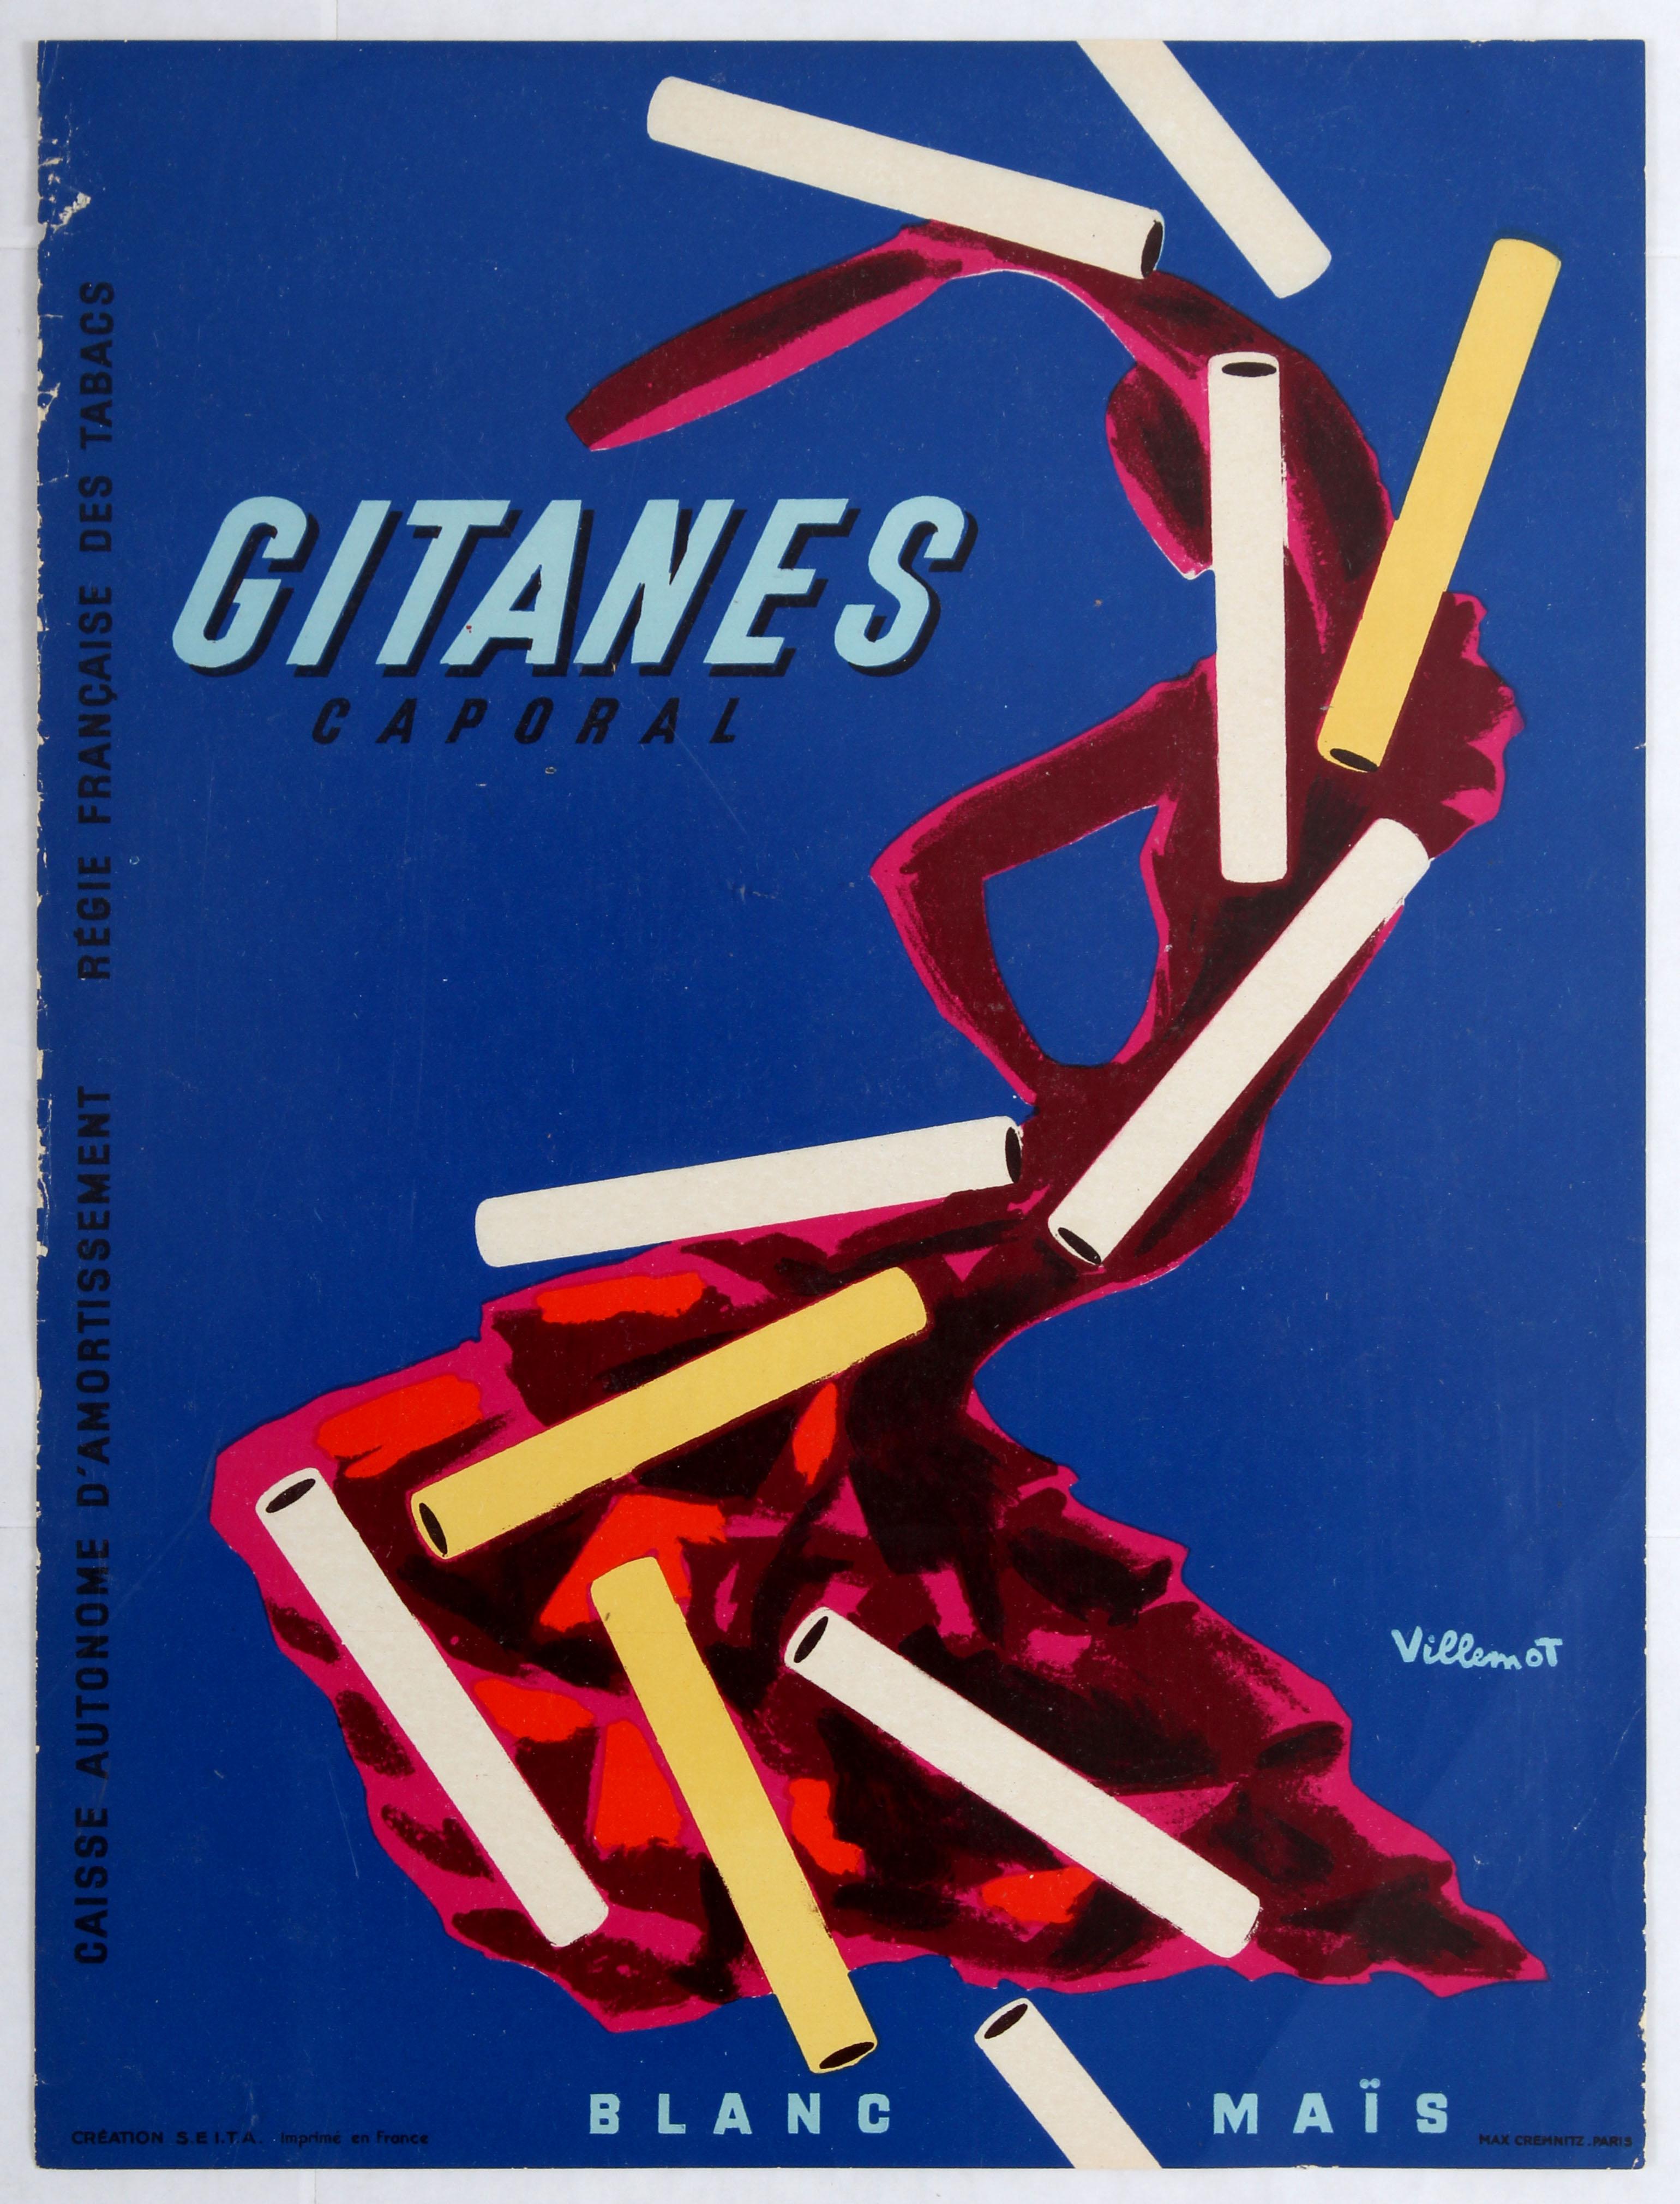 Lot 1507 - Advertising Poster Gitanes Caporal Cigarettes Villemot